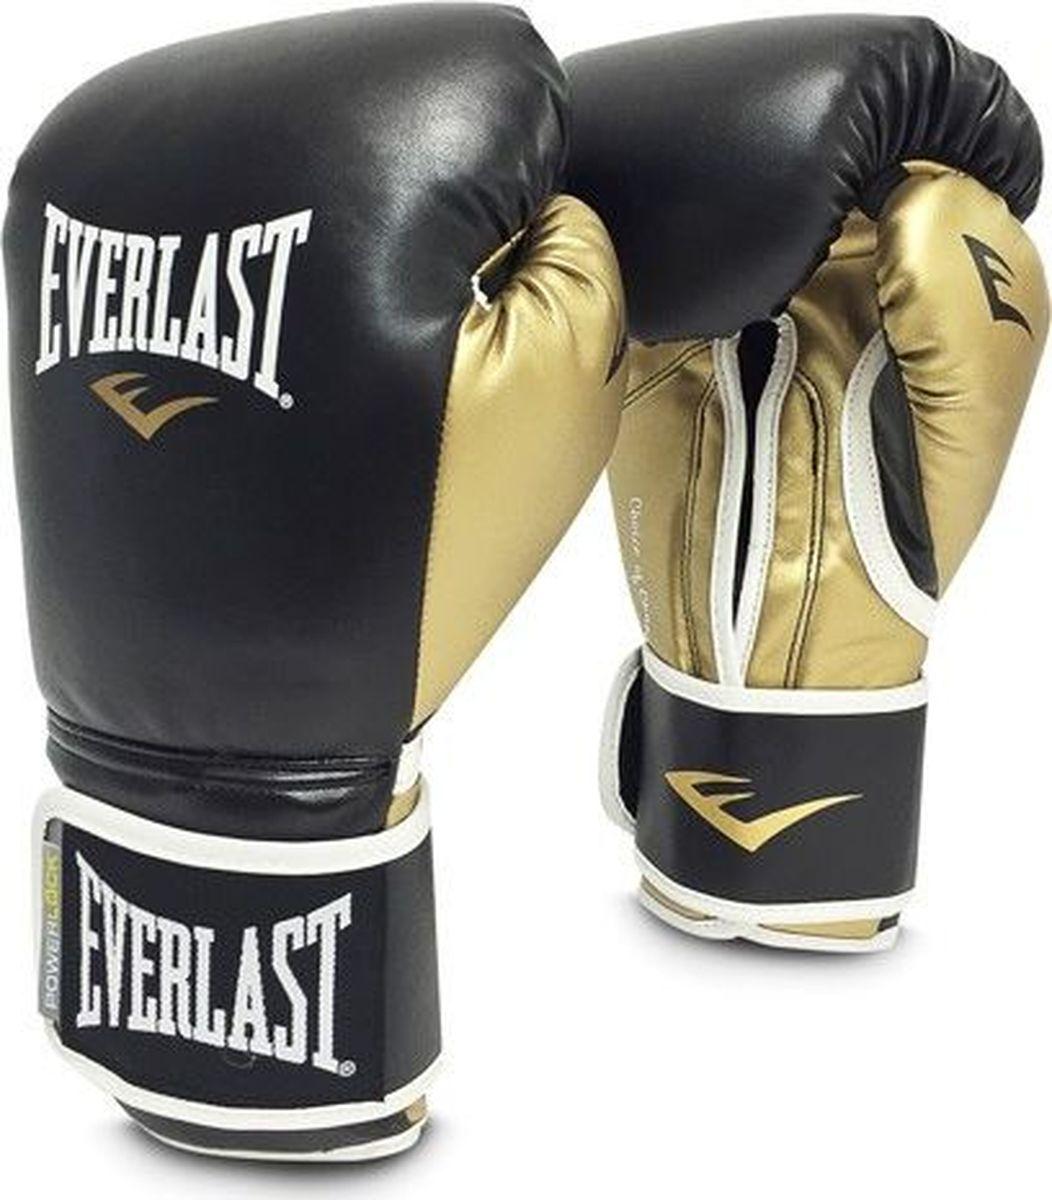 Боксерские перчатки Everlast Powerlock, тренировочные, P00000723-10, черный, золотой, вес 10 унций мультитул powerlock eod black oxide черный sog